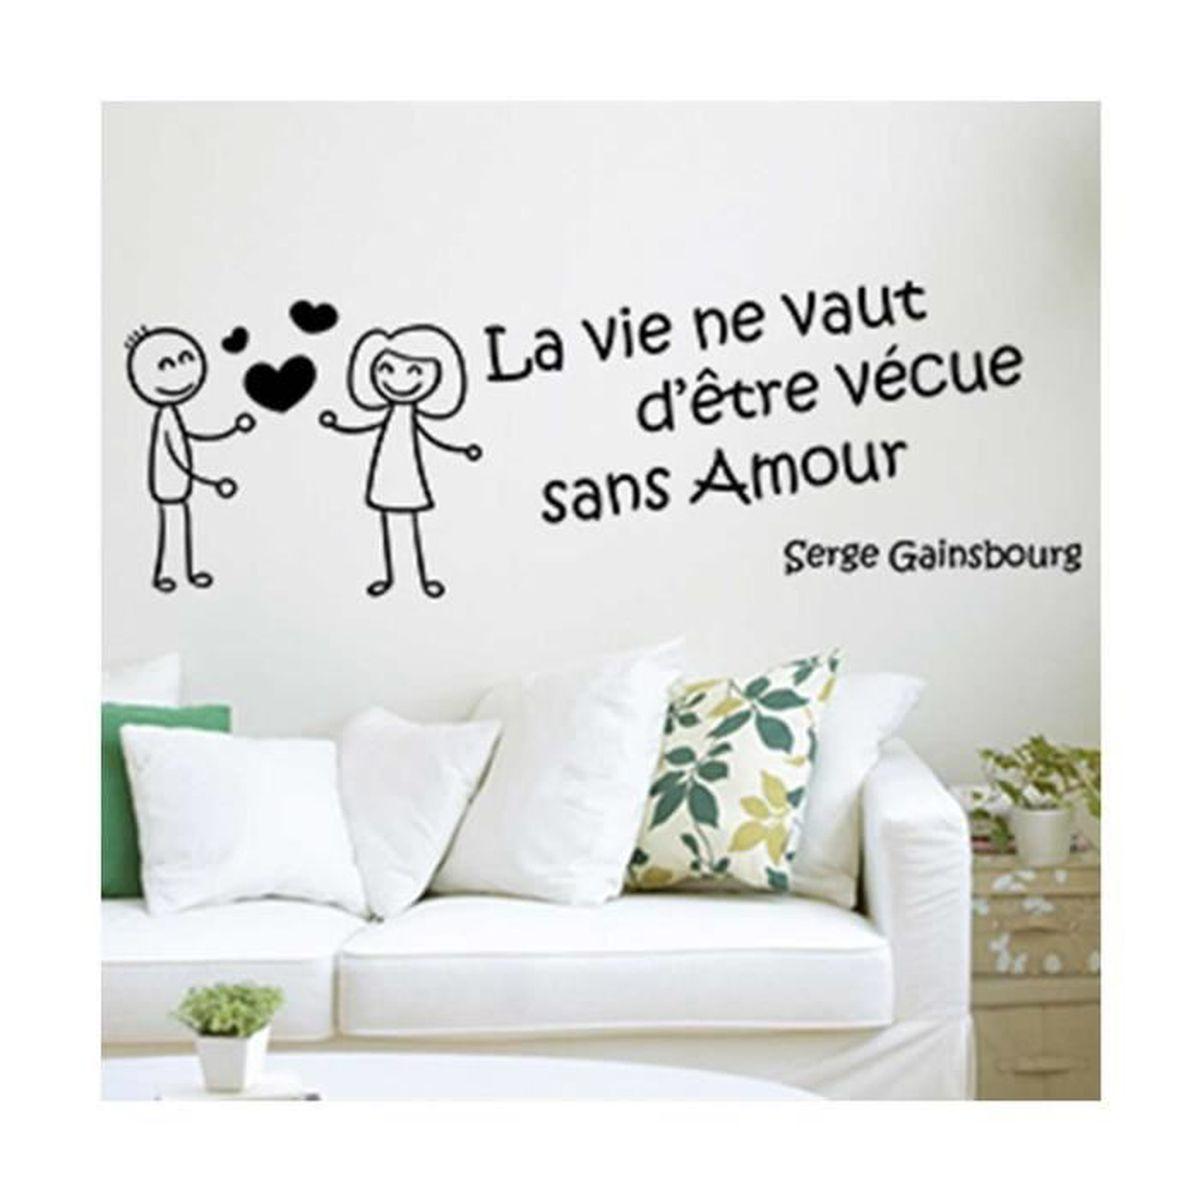 Maison Serge Gainsbourg Visite Intérieur sticker citation serge gainsbourg noir - achat / vente